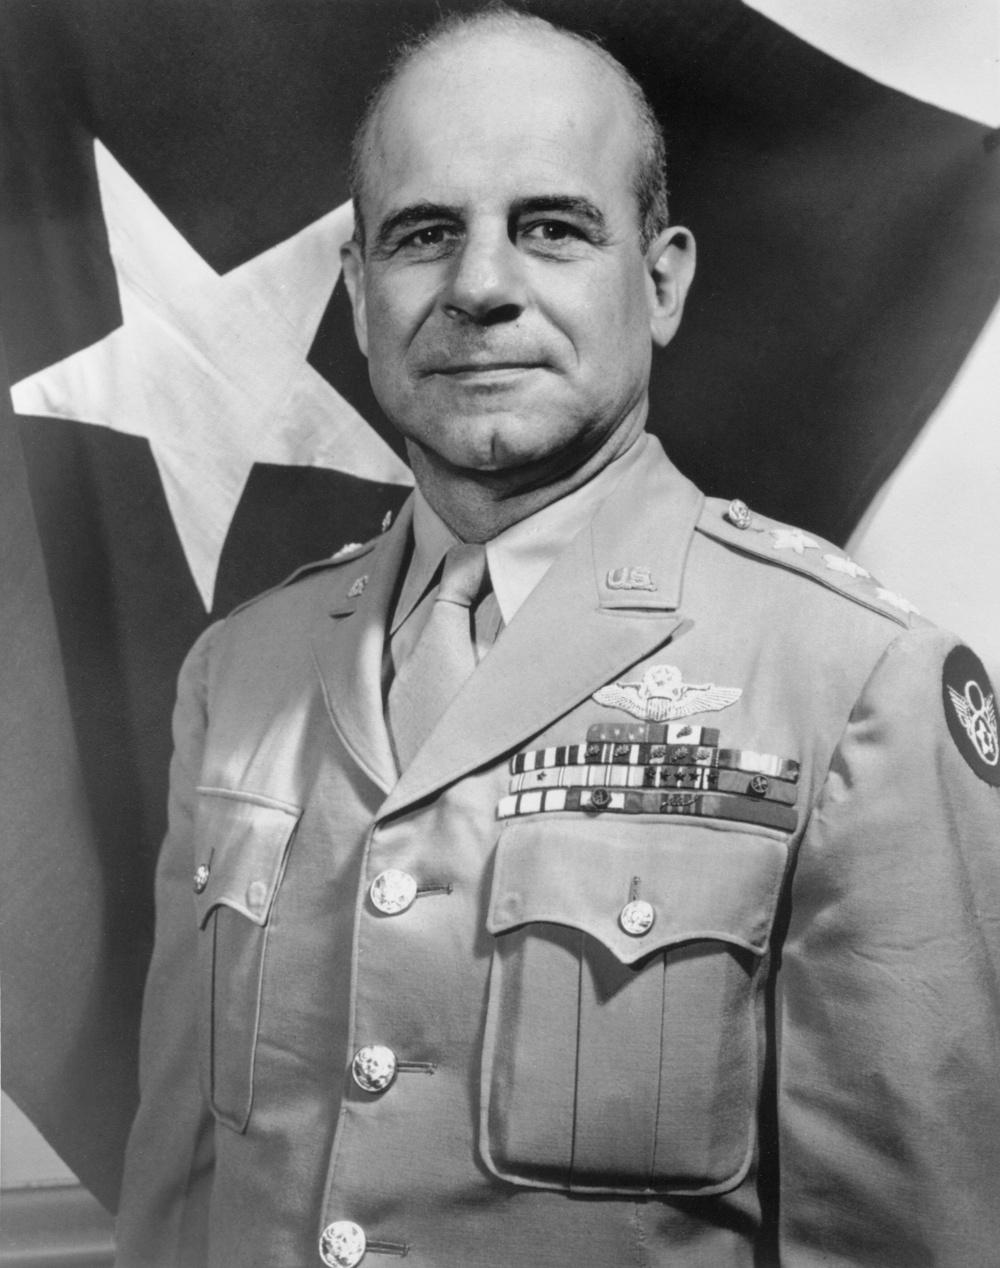 General James Harold Doolittle